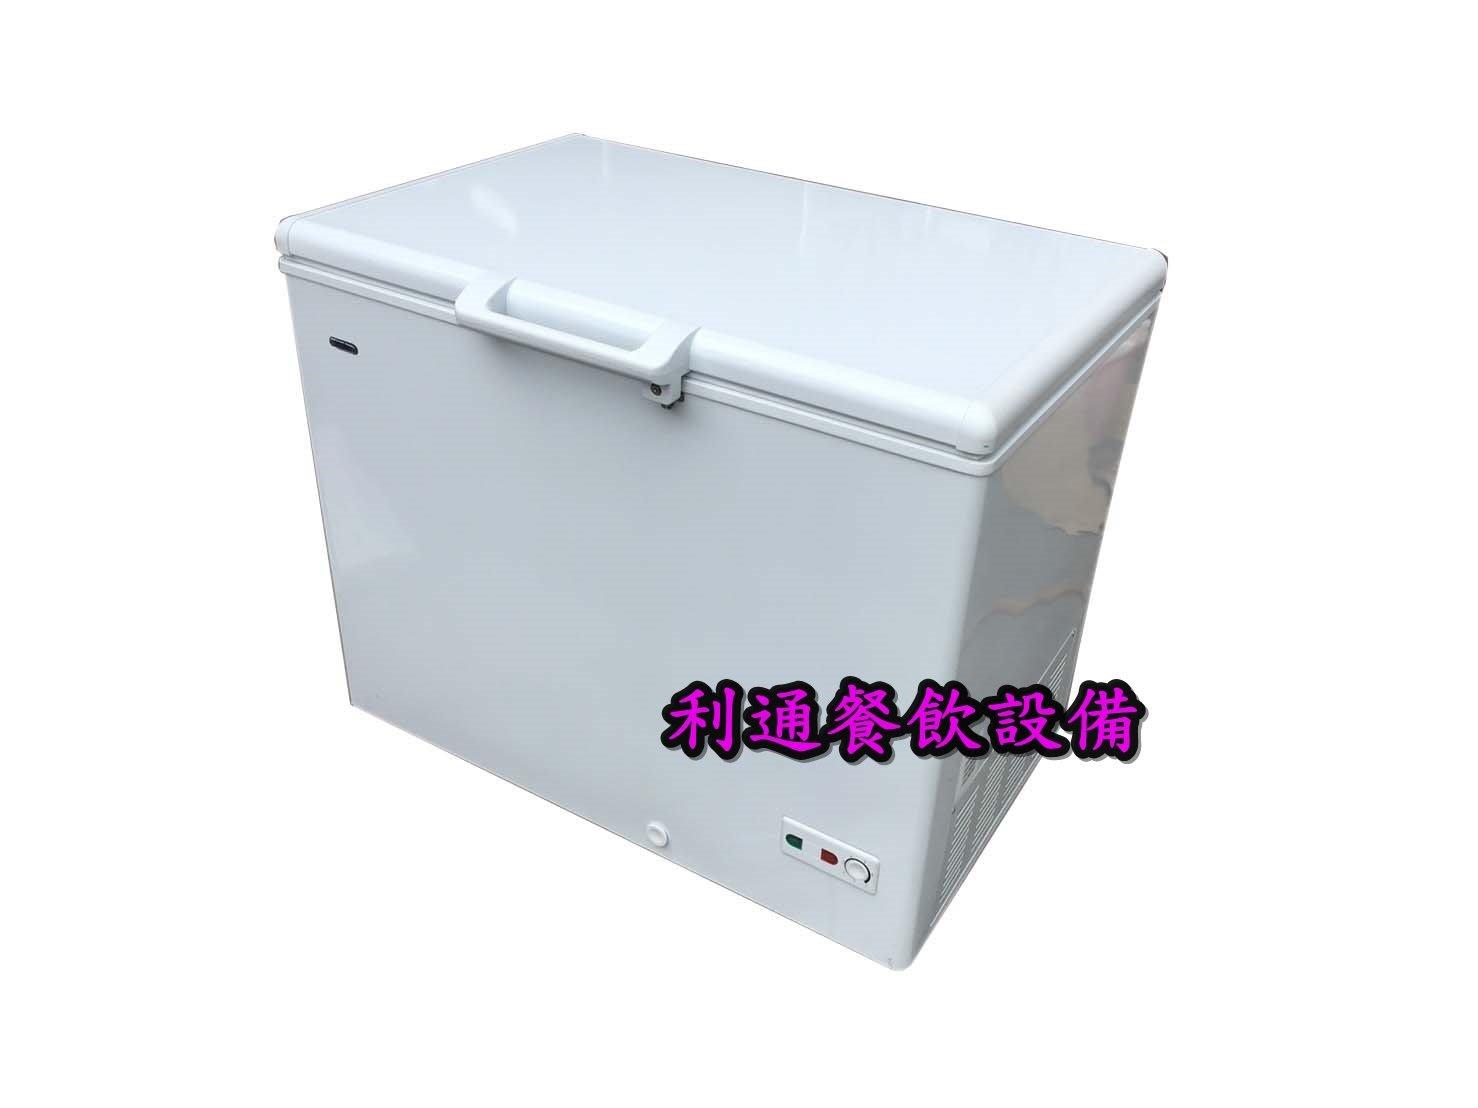 《利通餐飲設備》海爾3尺5上掀式冷凍櫃